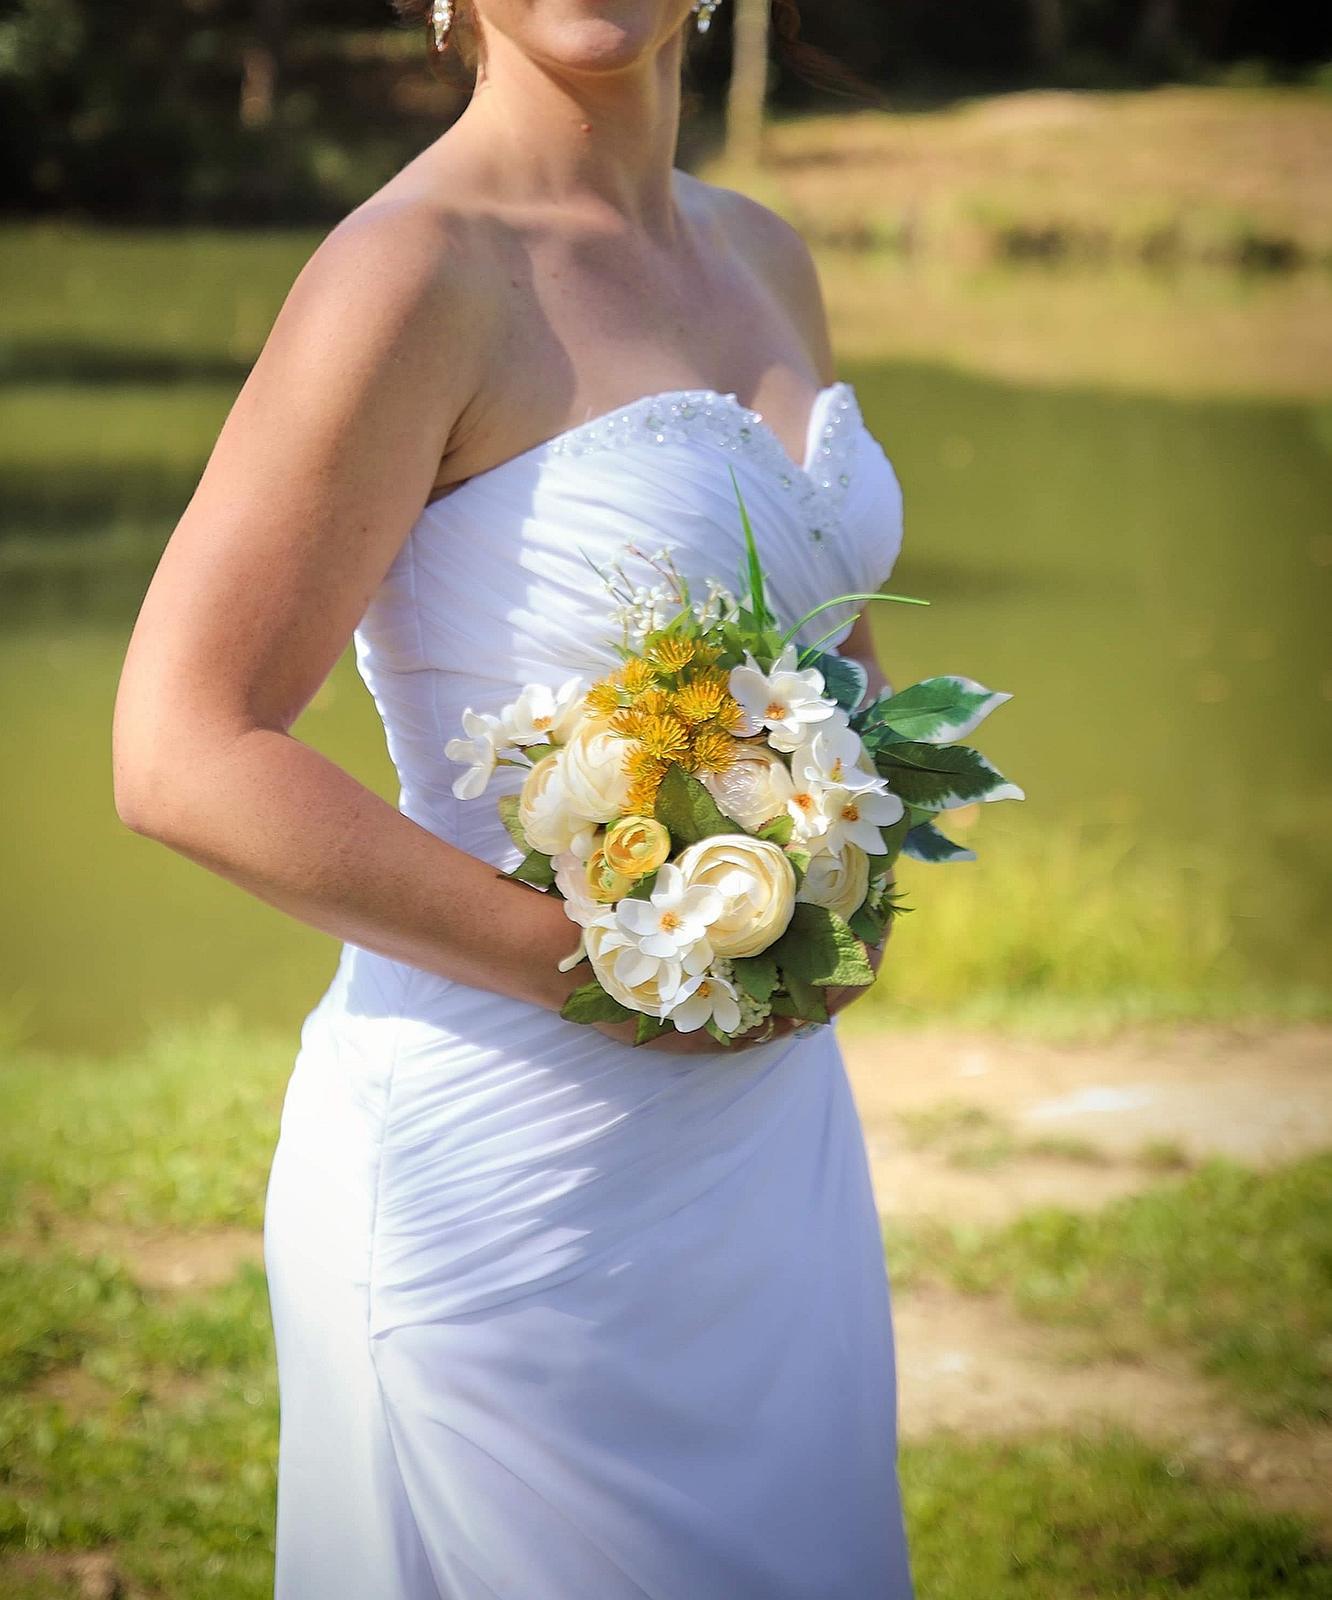 Svadobné šaty, korzetove, biele, 36-38 - Obrázok č. 2